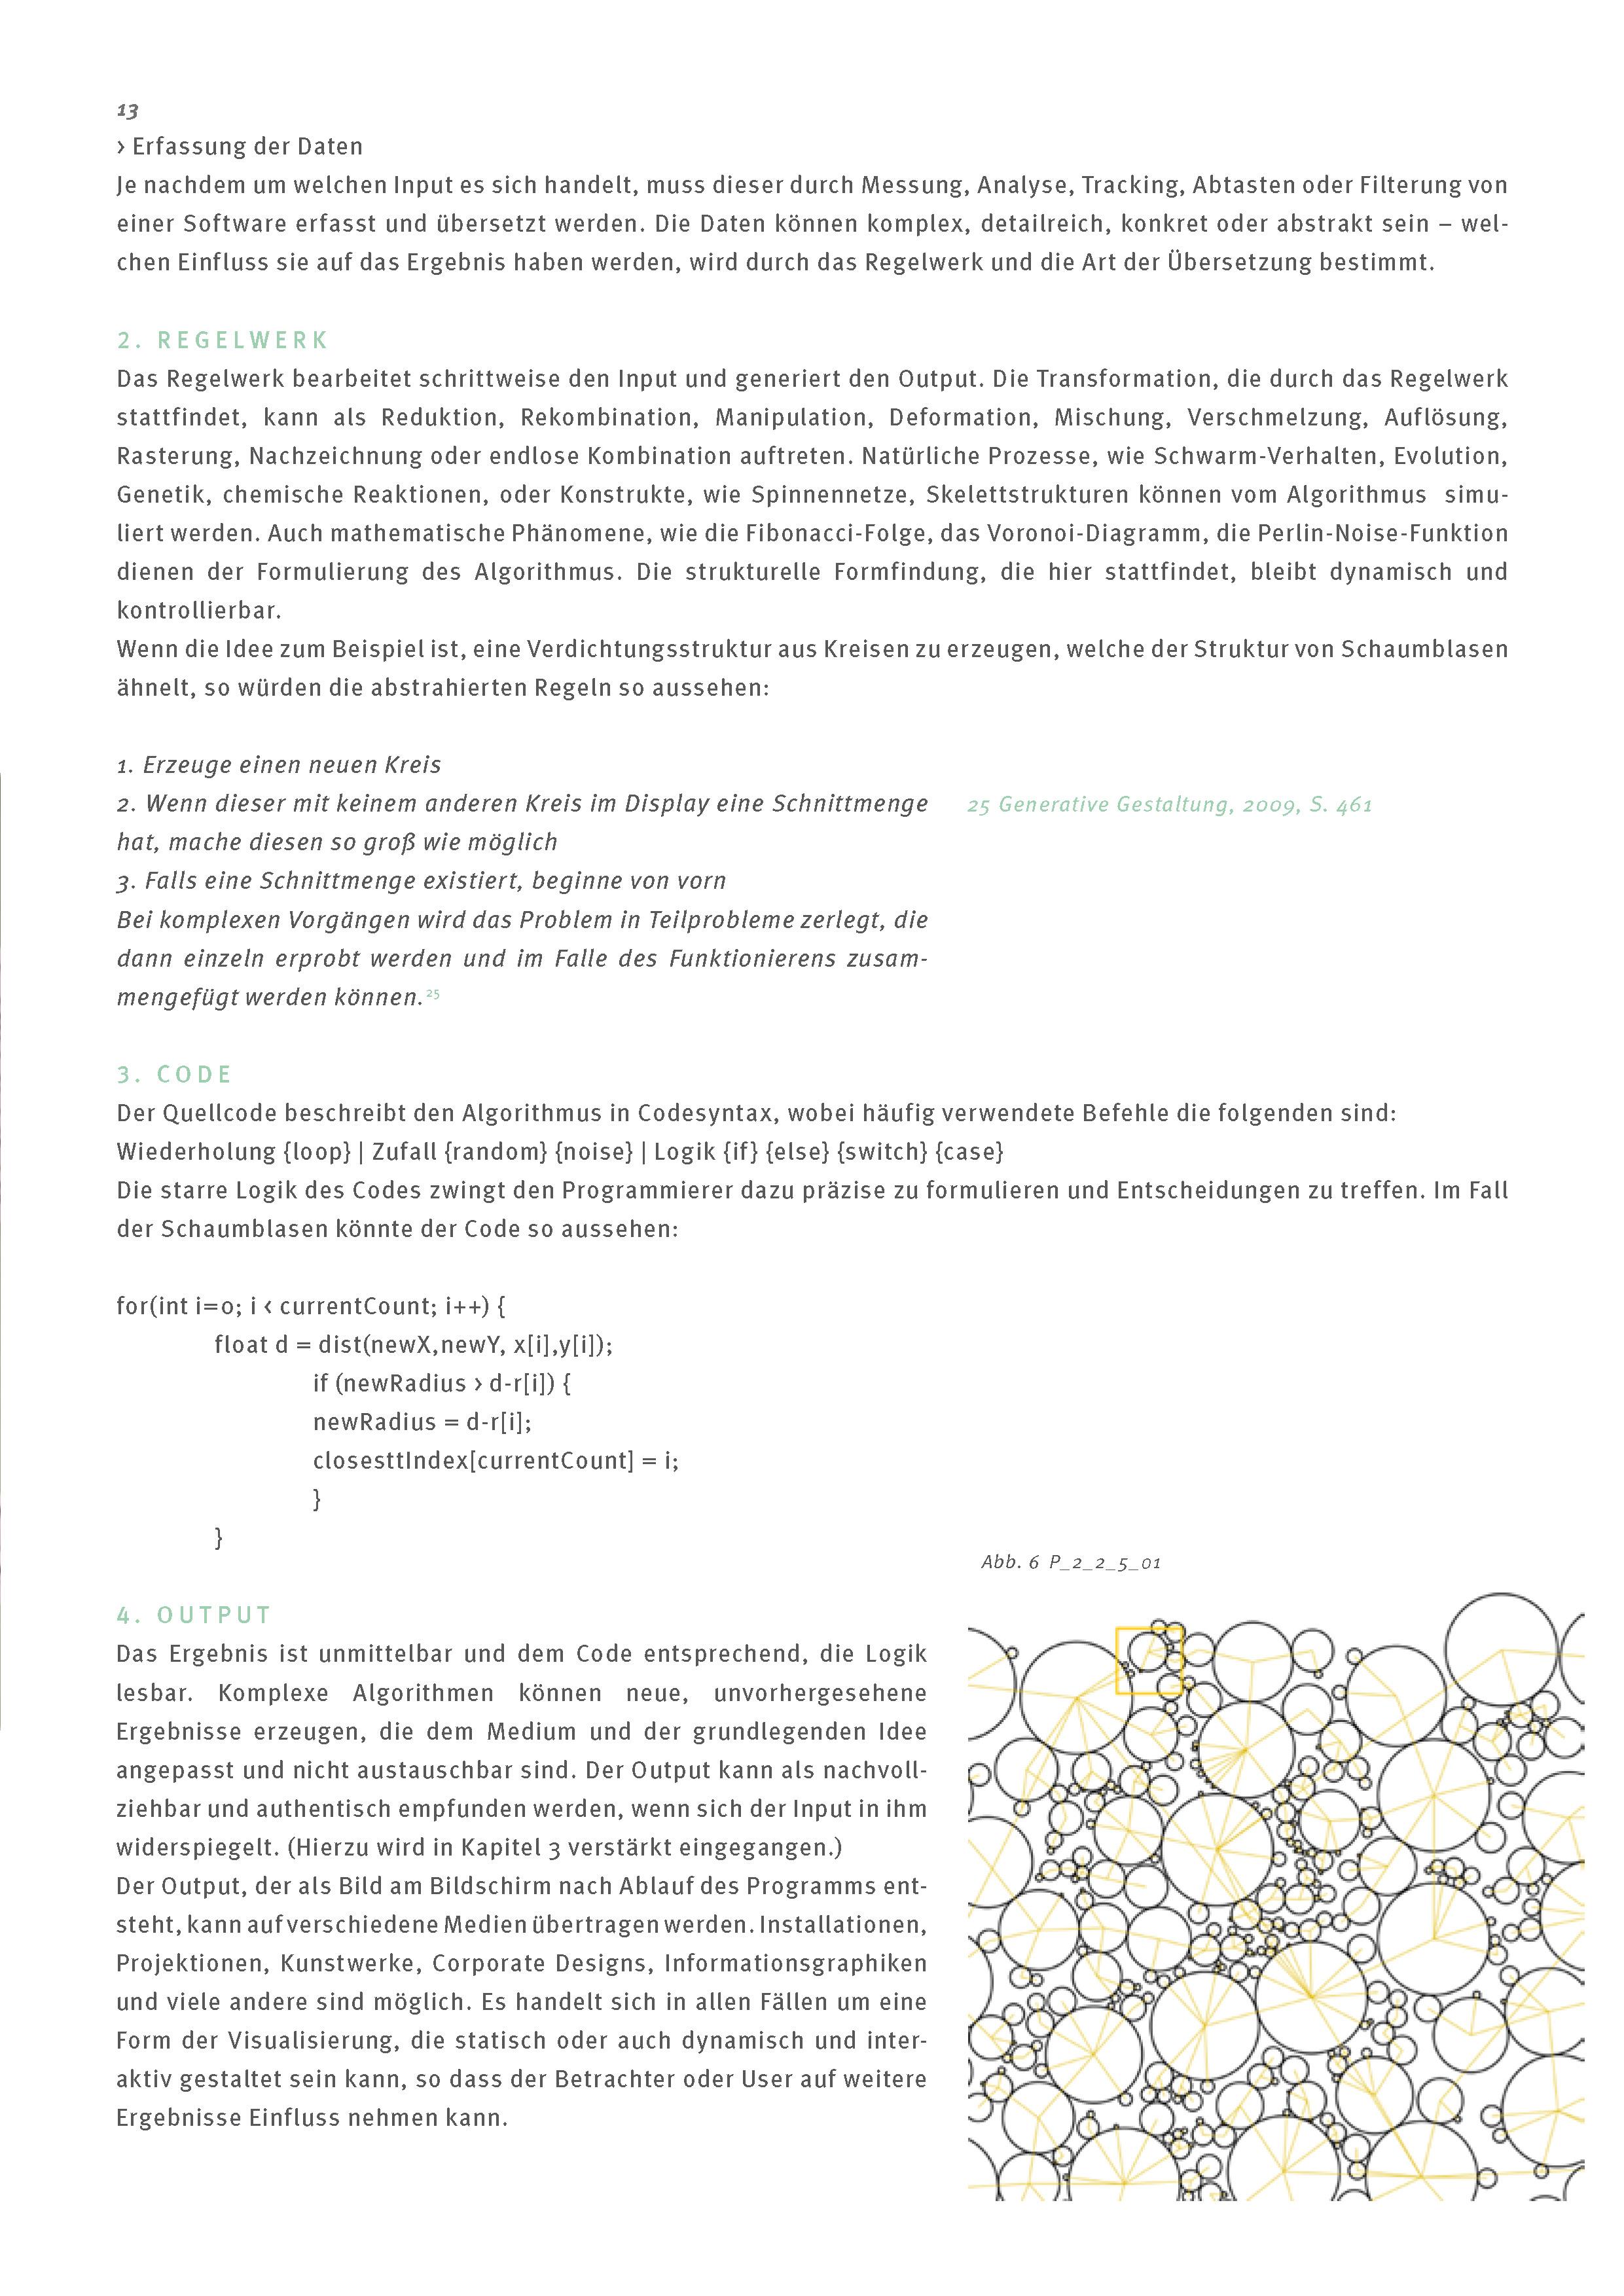 Generative Gestaltung-eine Entwurfsmethode_Einzelseiten_Seite_13.jpg